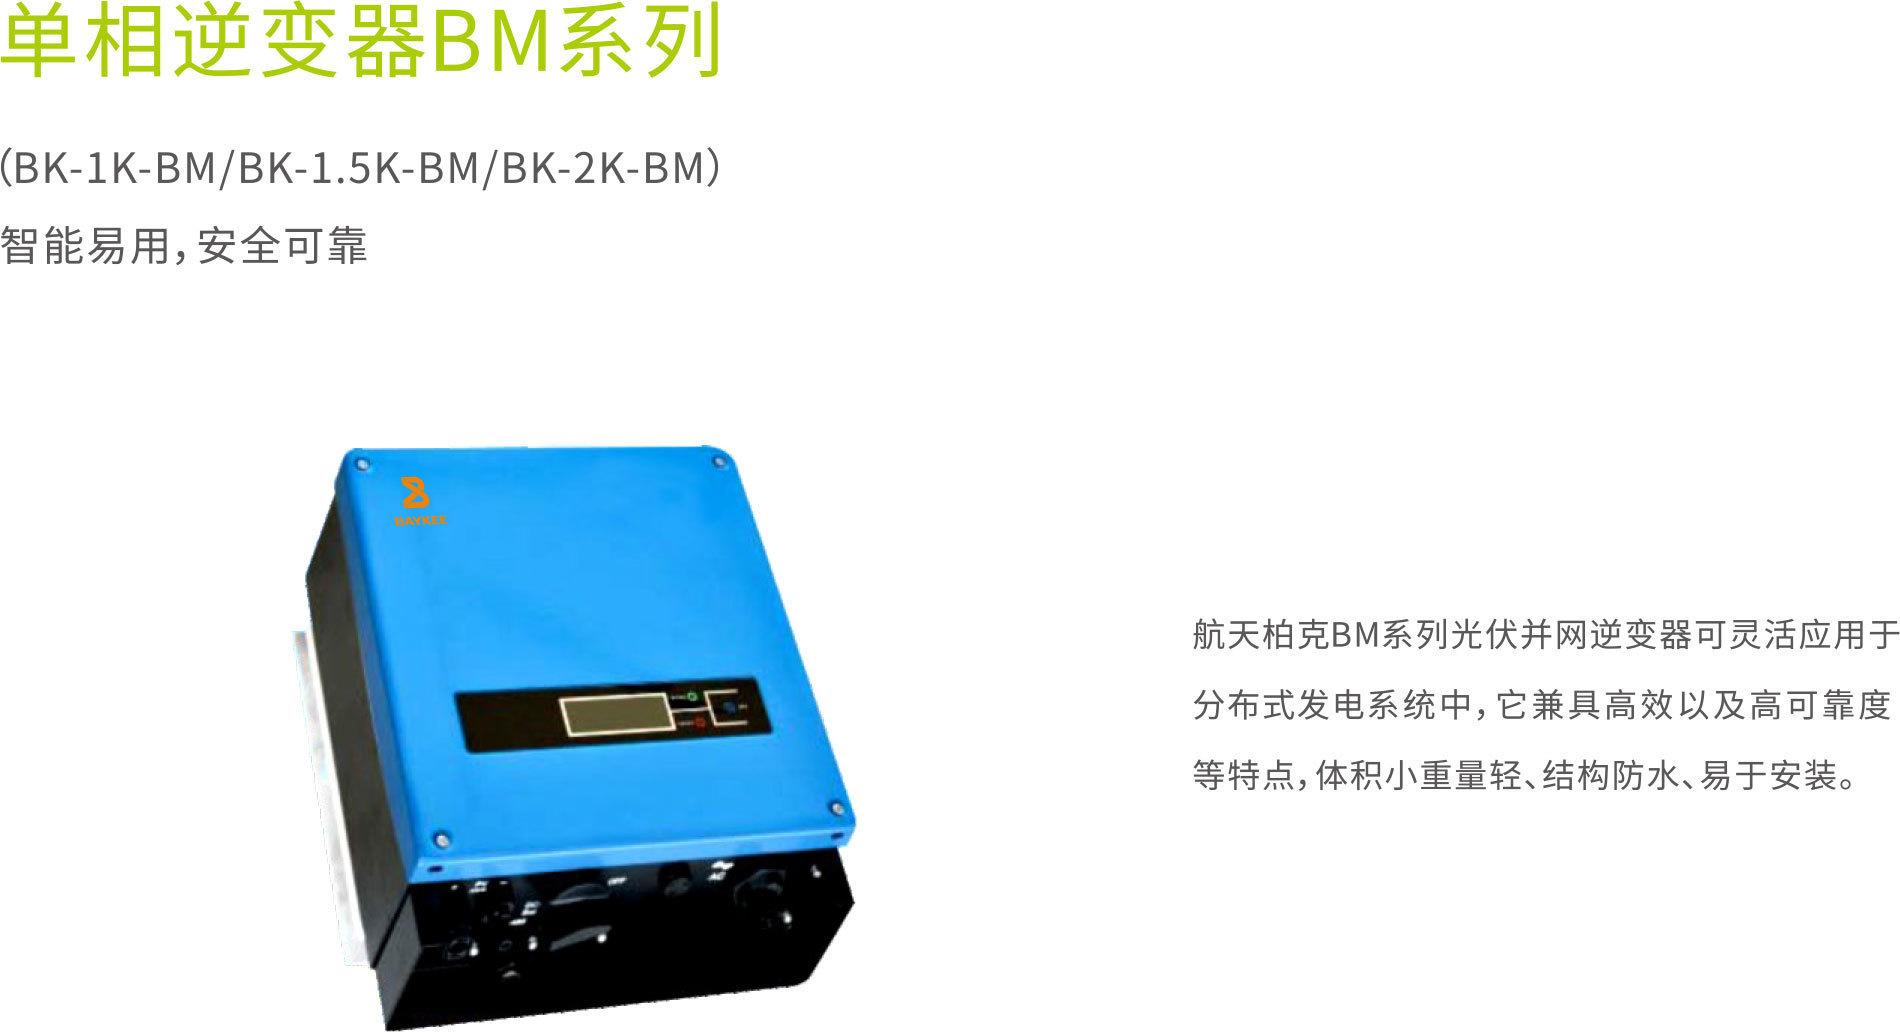 福建鑫鑫源机电设备的小编分享逆变器的特点